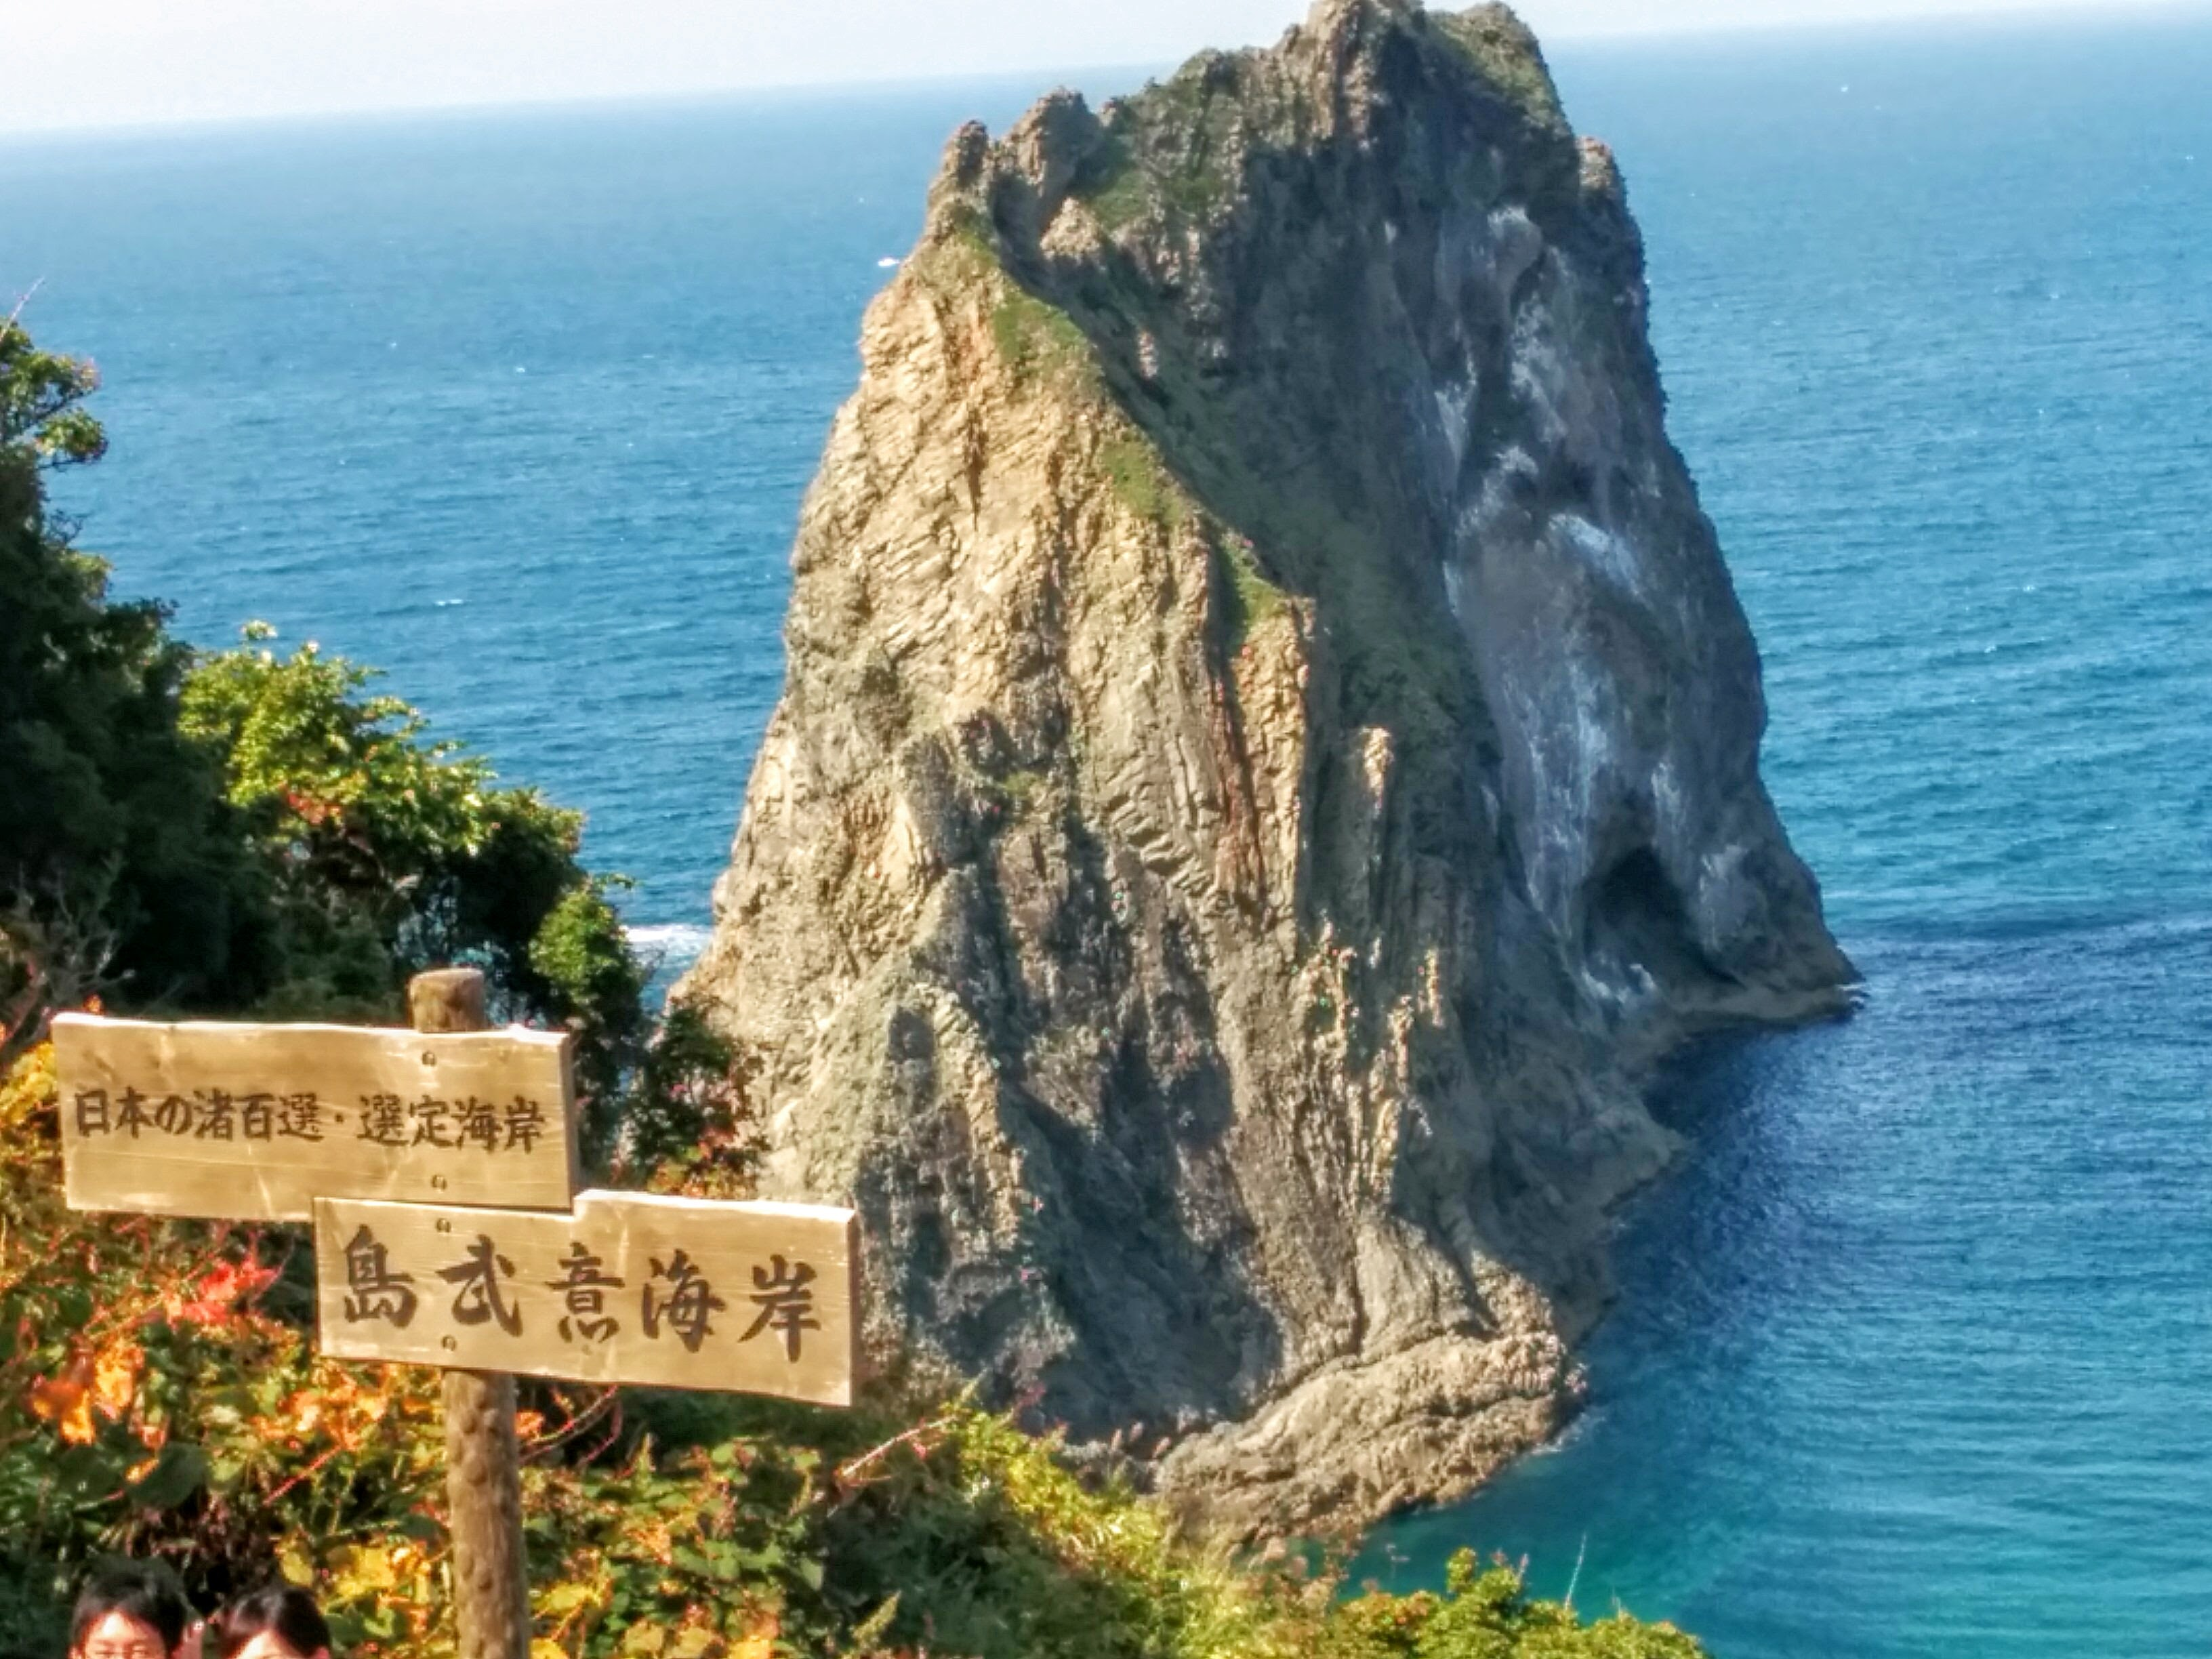 【積丹半島】積丹岬島武意海岸に行って来ました。